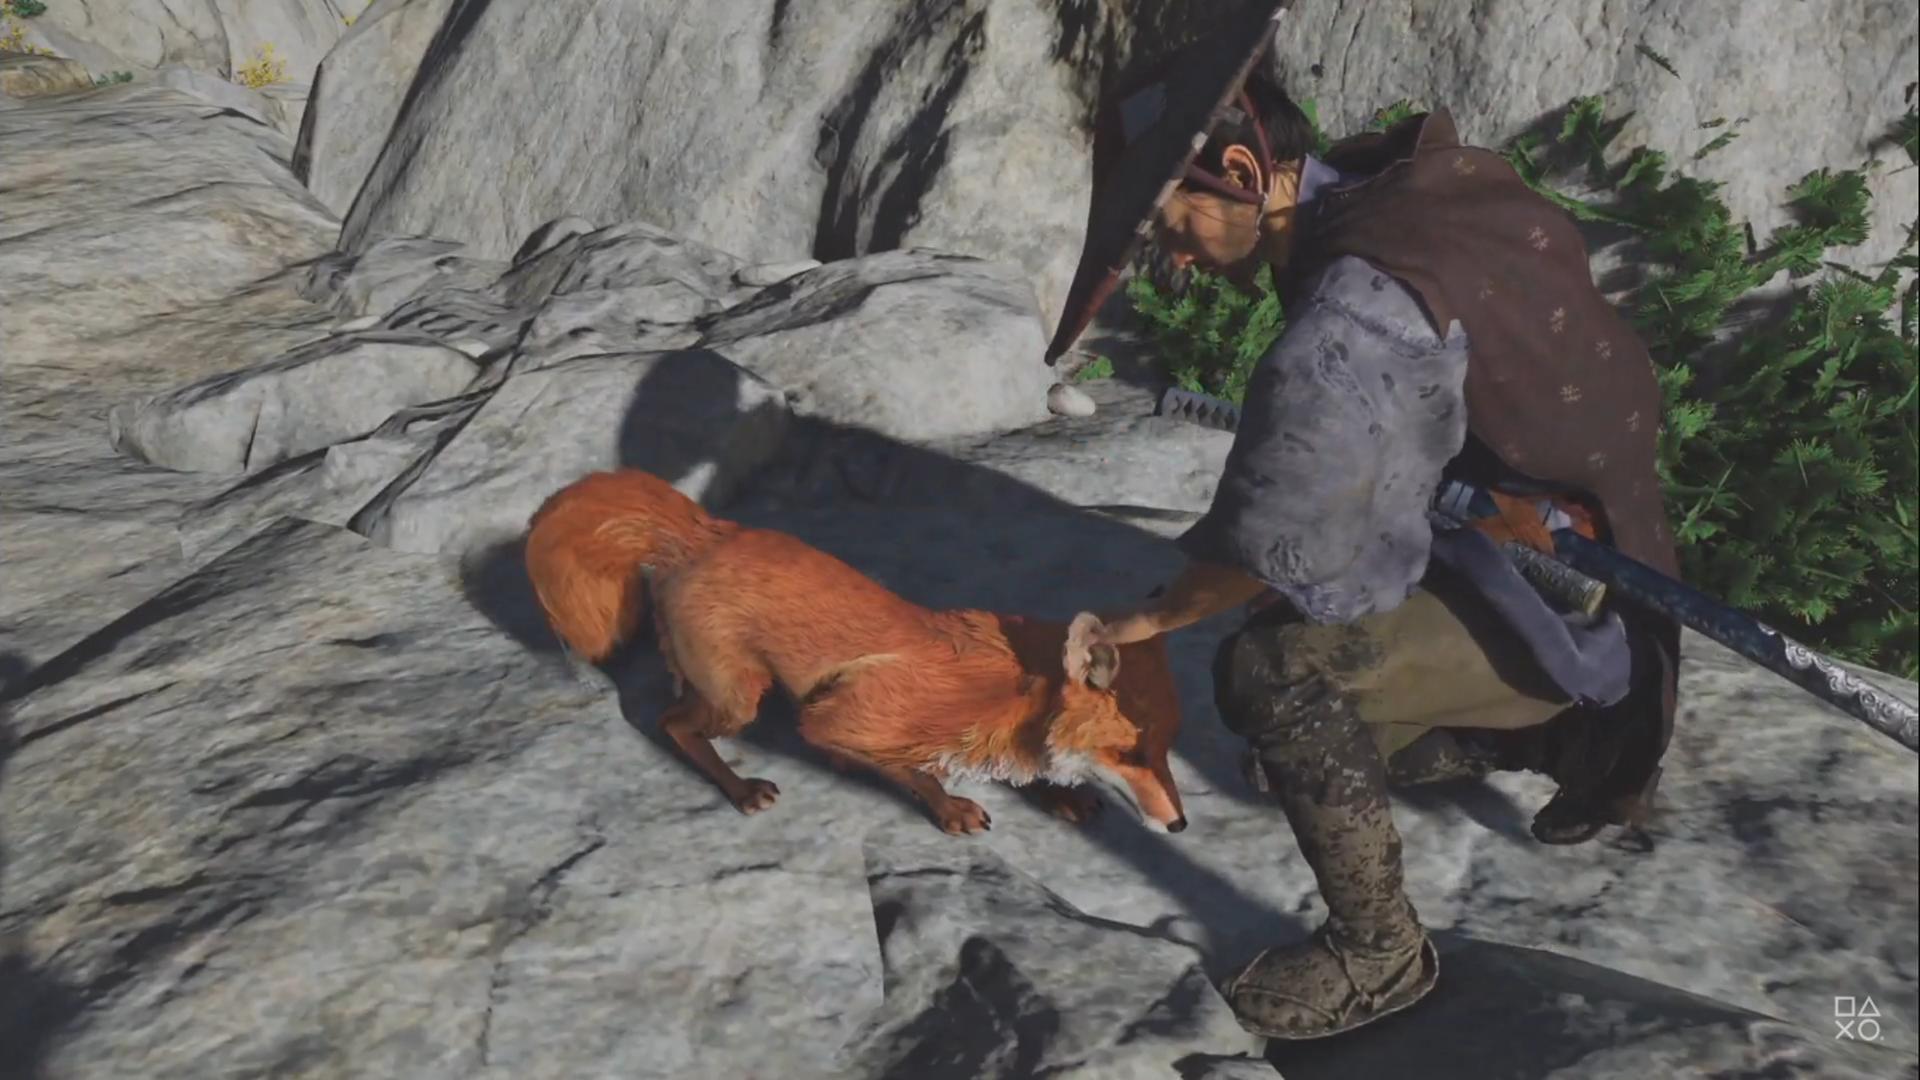 當初預告,不知道有多少玩家期待摸狐狸。(圖源:Ghost of Tsushima)